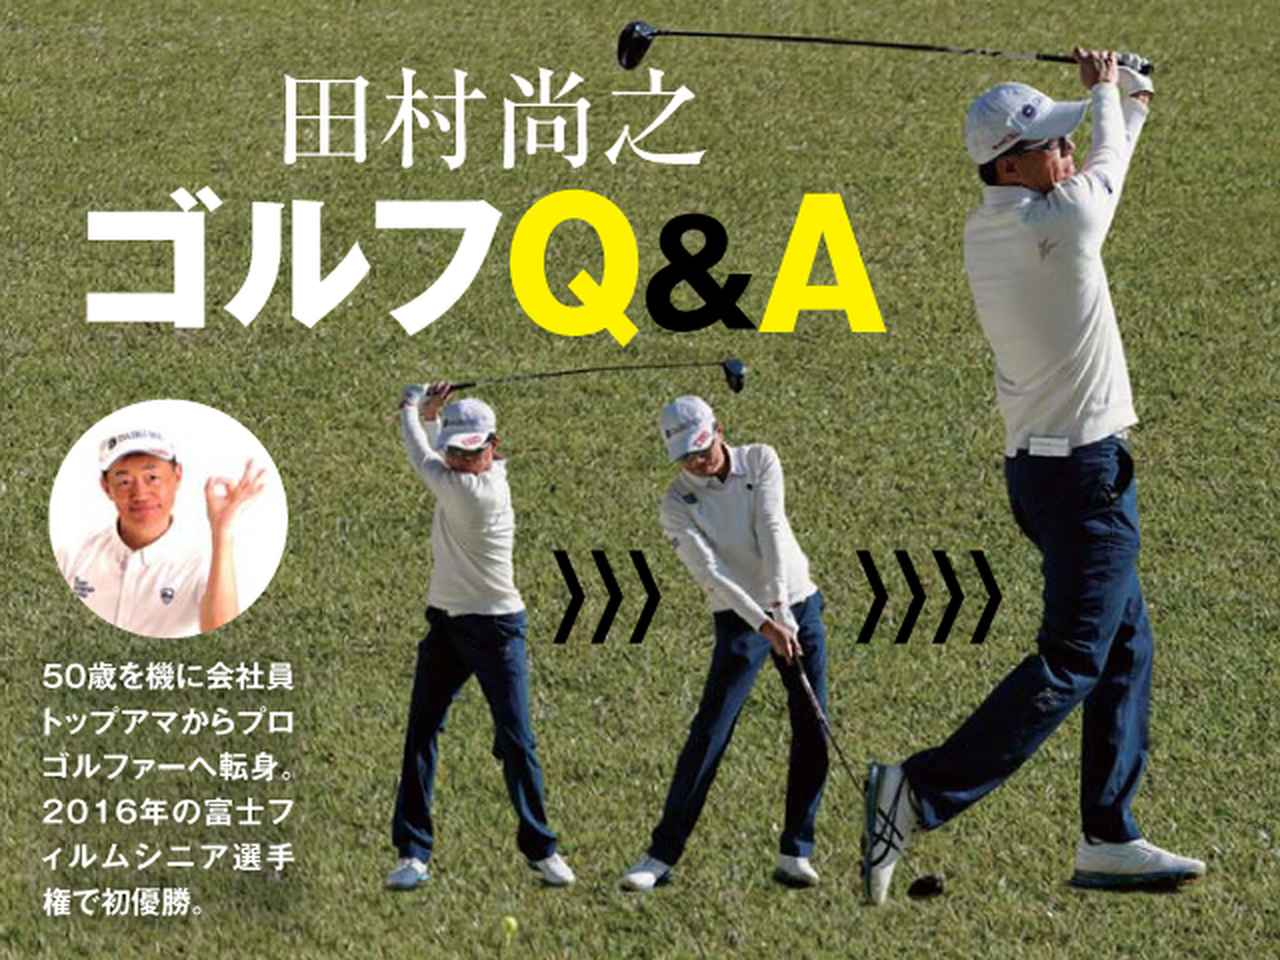 田村尚之のゴルフQ&A